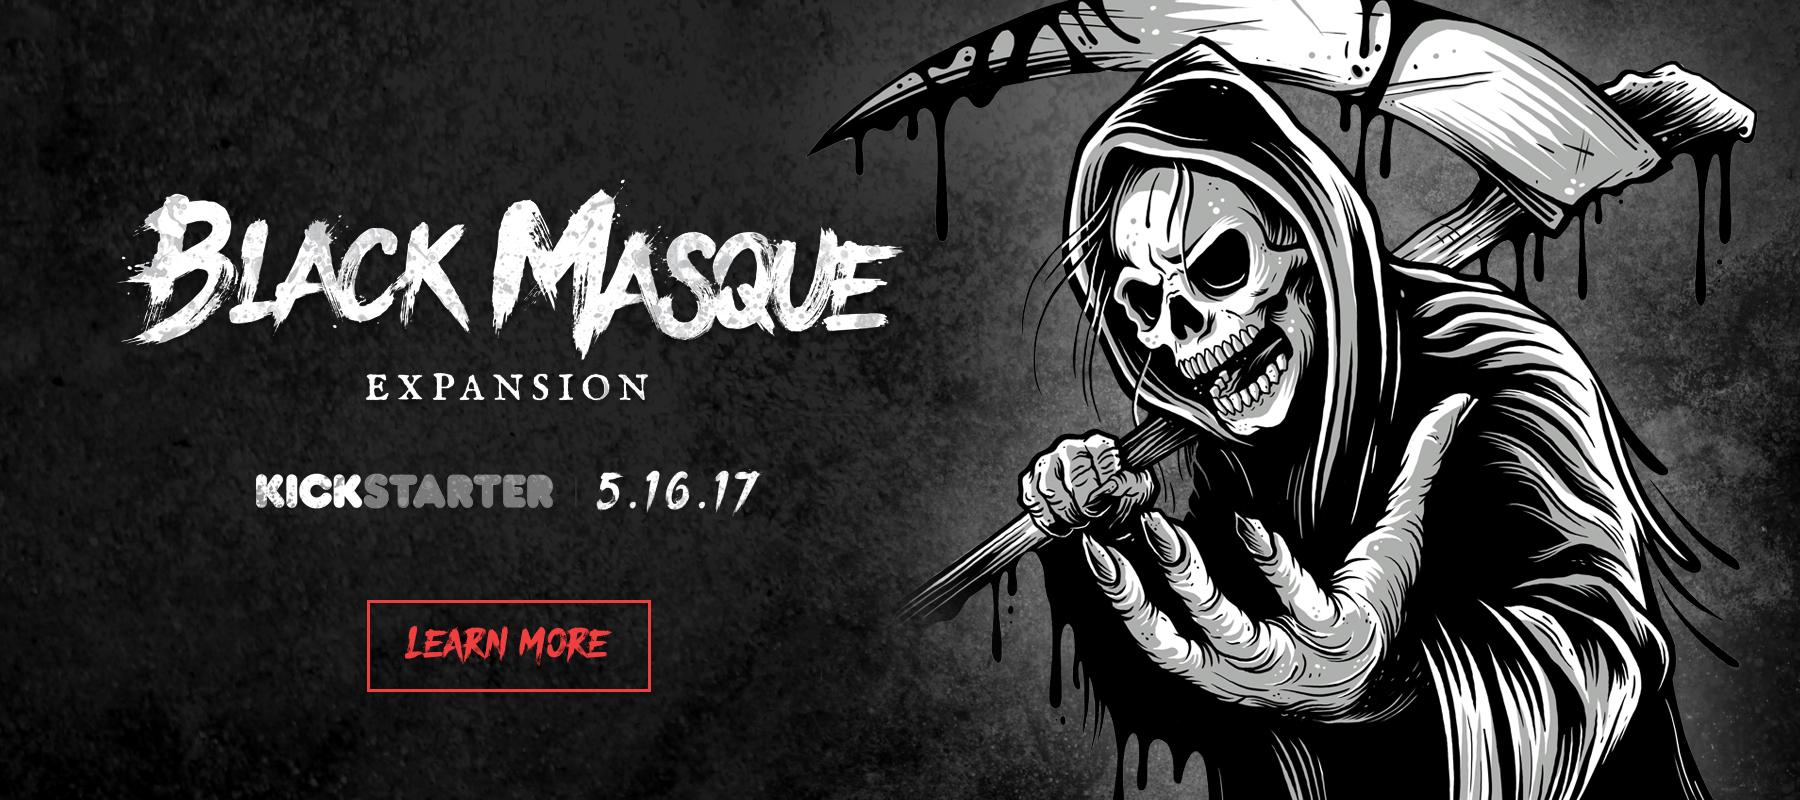 The Black Masque